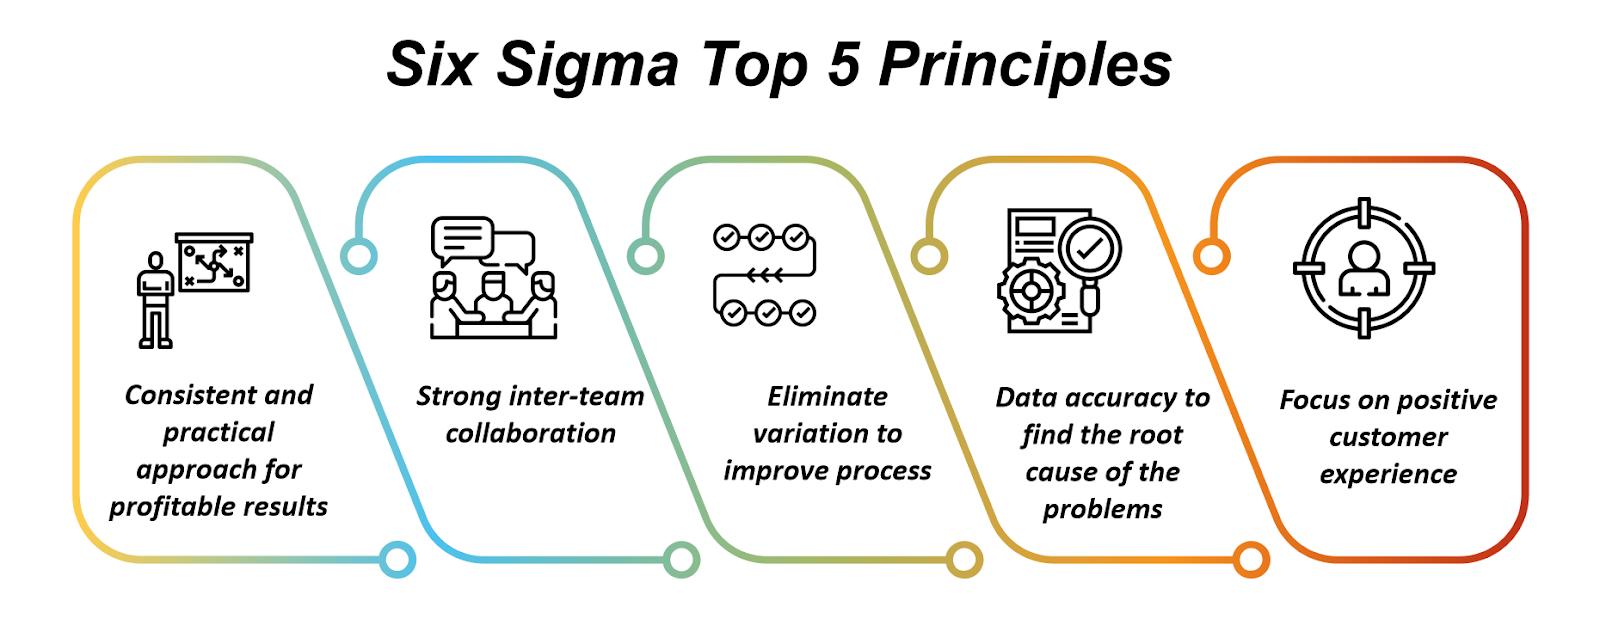 Six Sigma Top 5 Principles